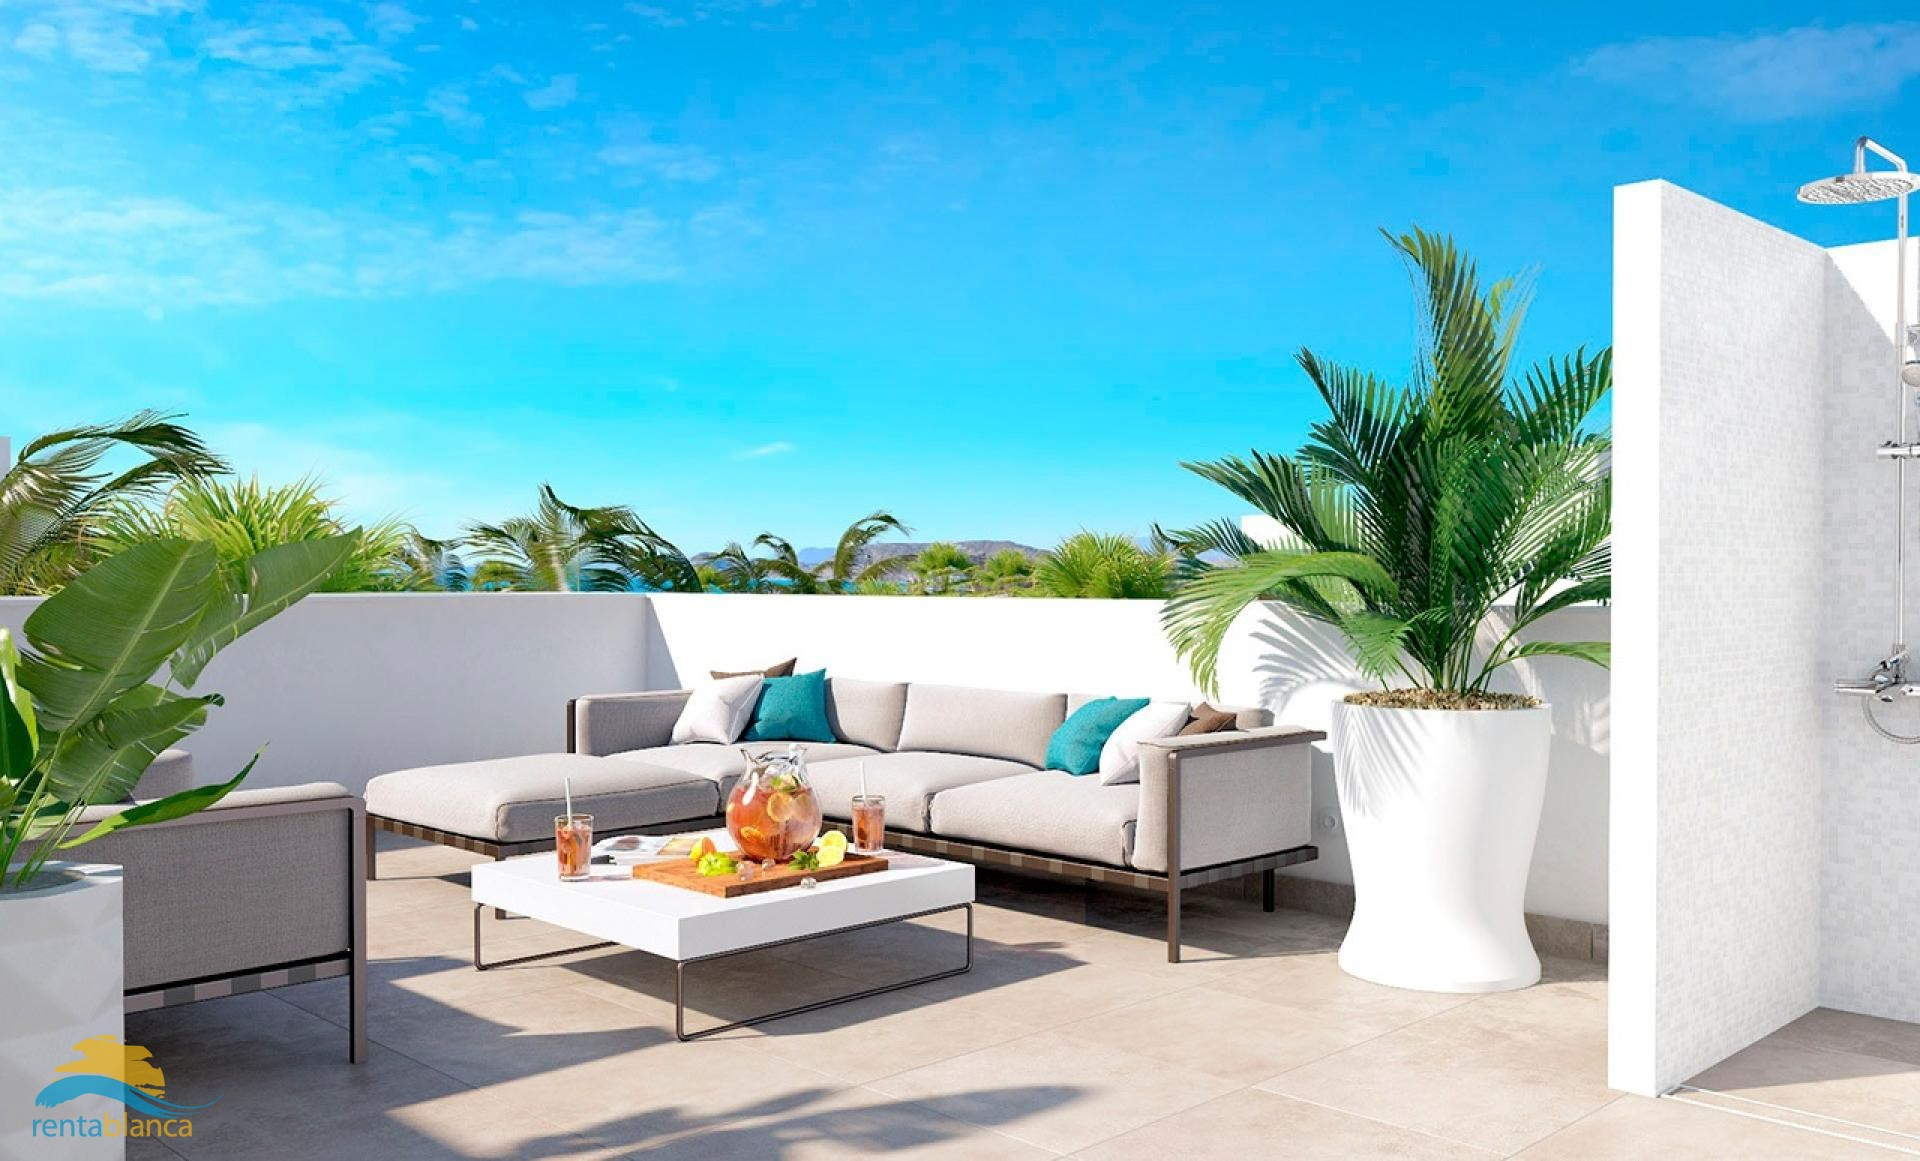 New build - modern detached villa - La Marina Urb. - Rentablanca